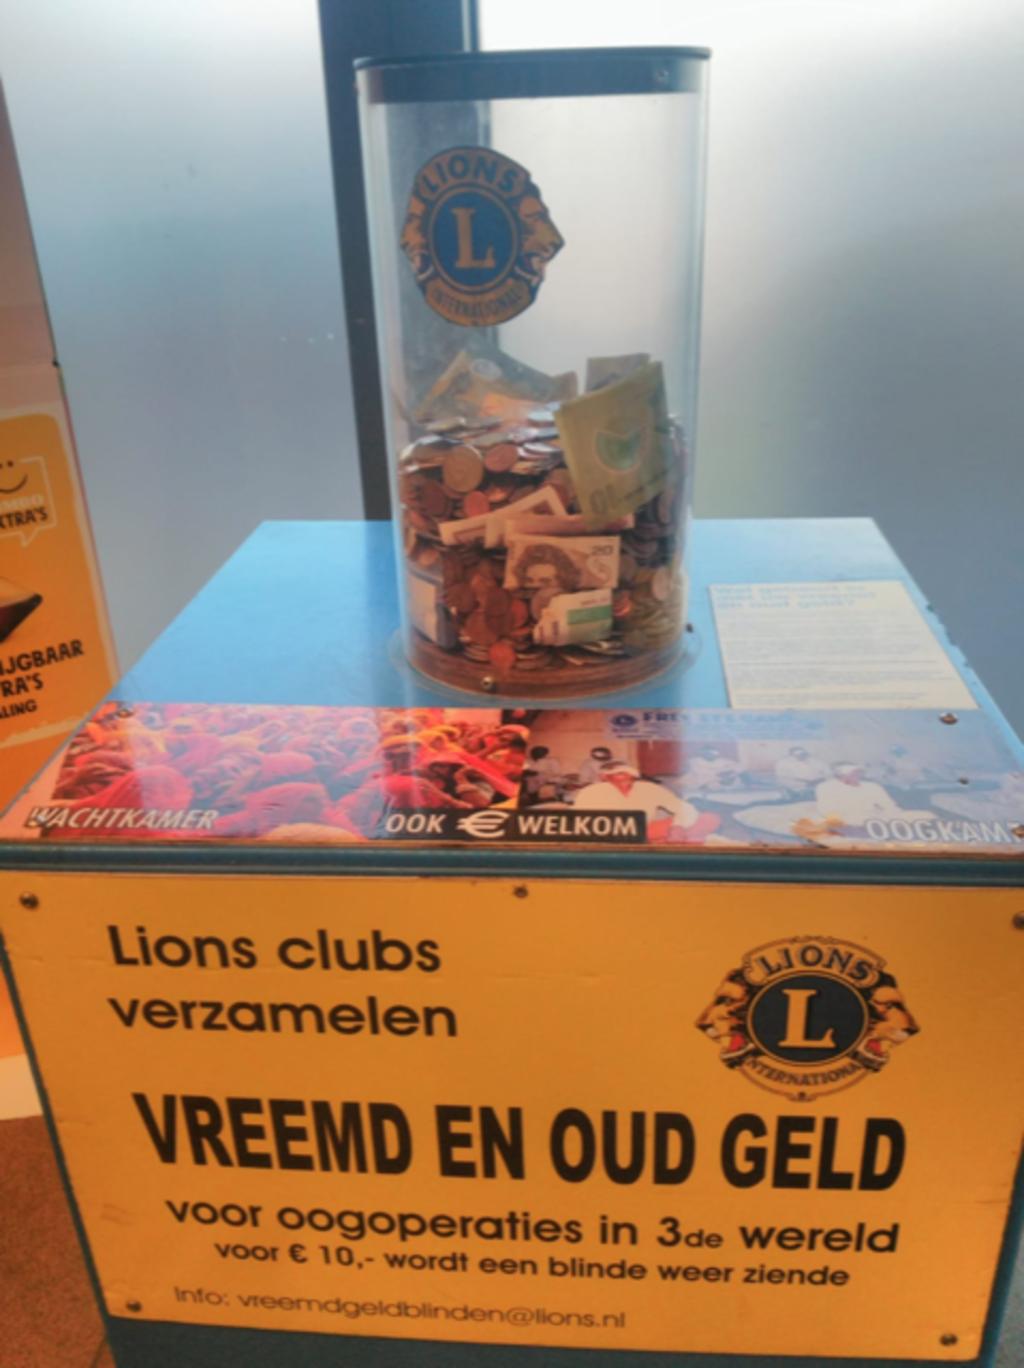 Lionsclub Eemland © BDU media